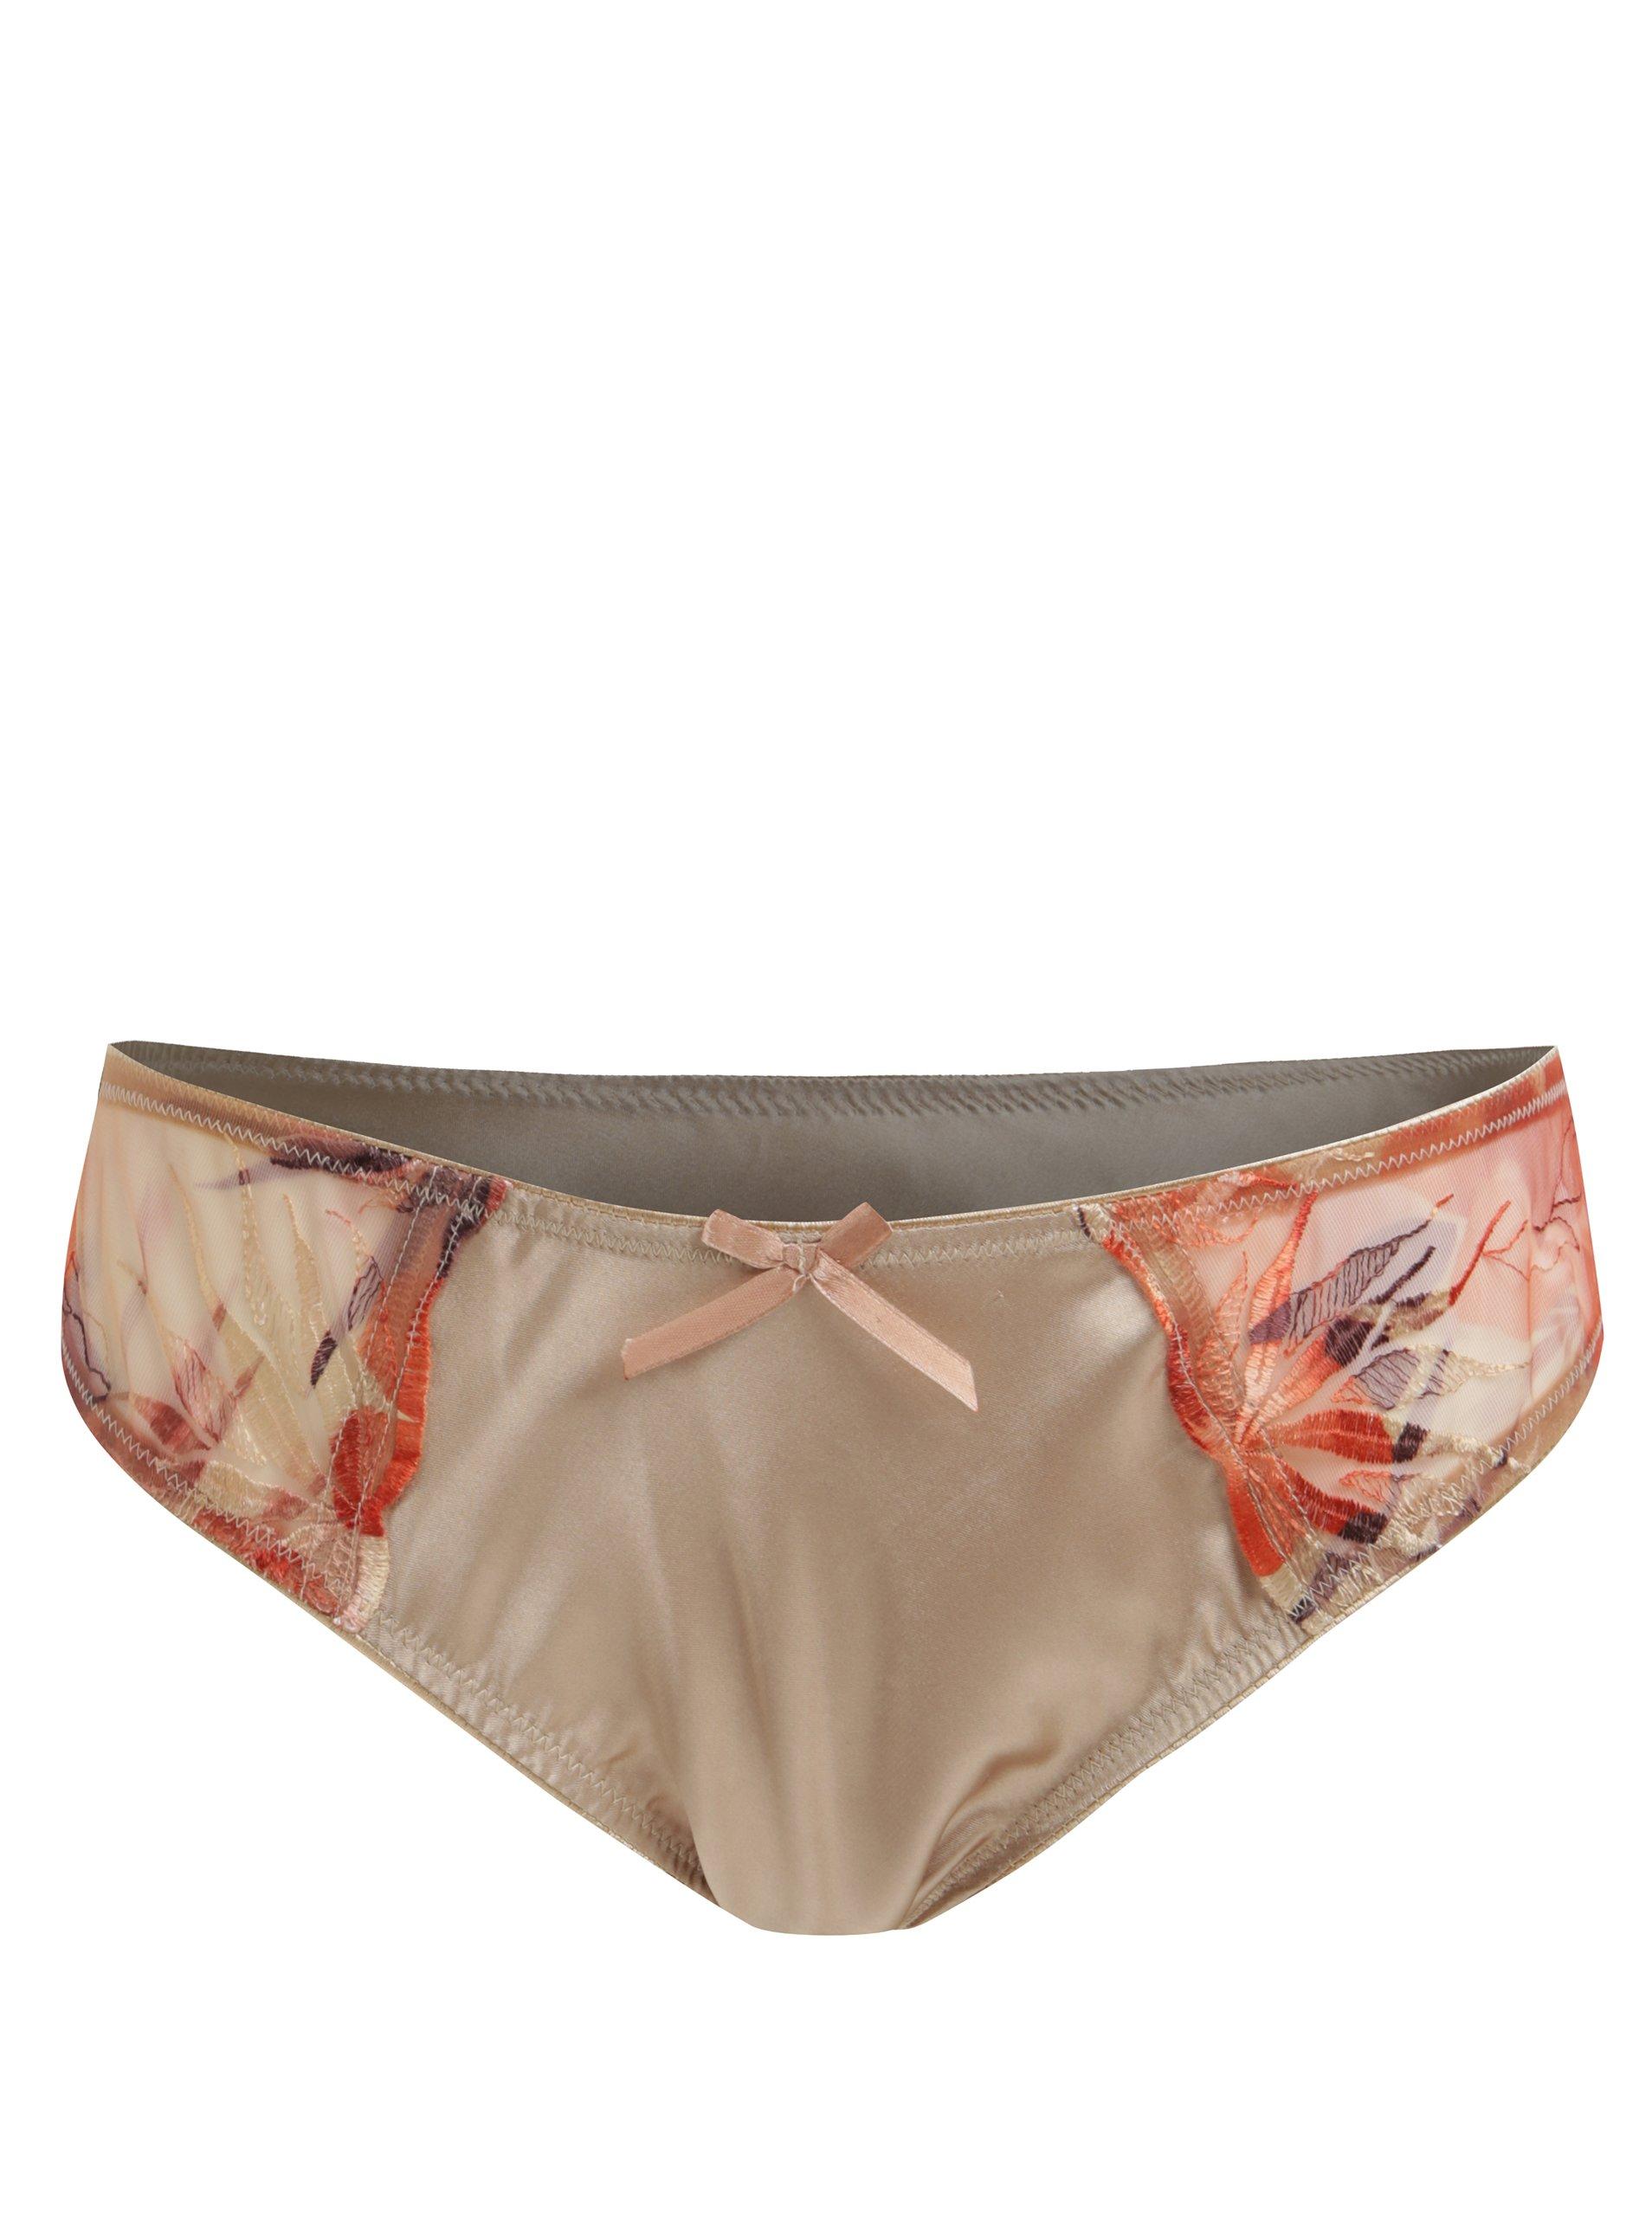 Béžové vyšívané kalhotky Eden Lingerie